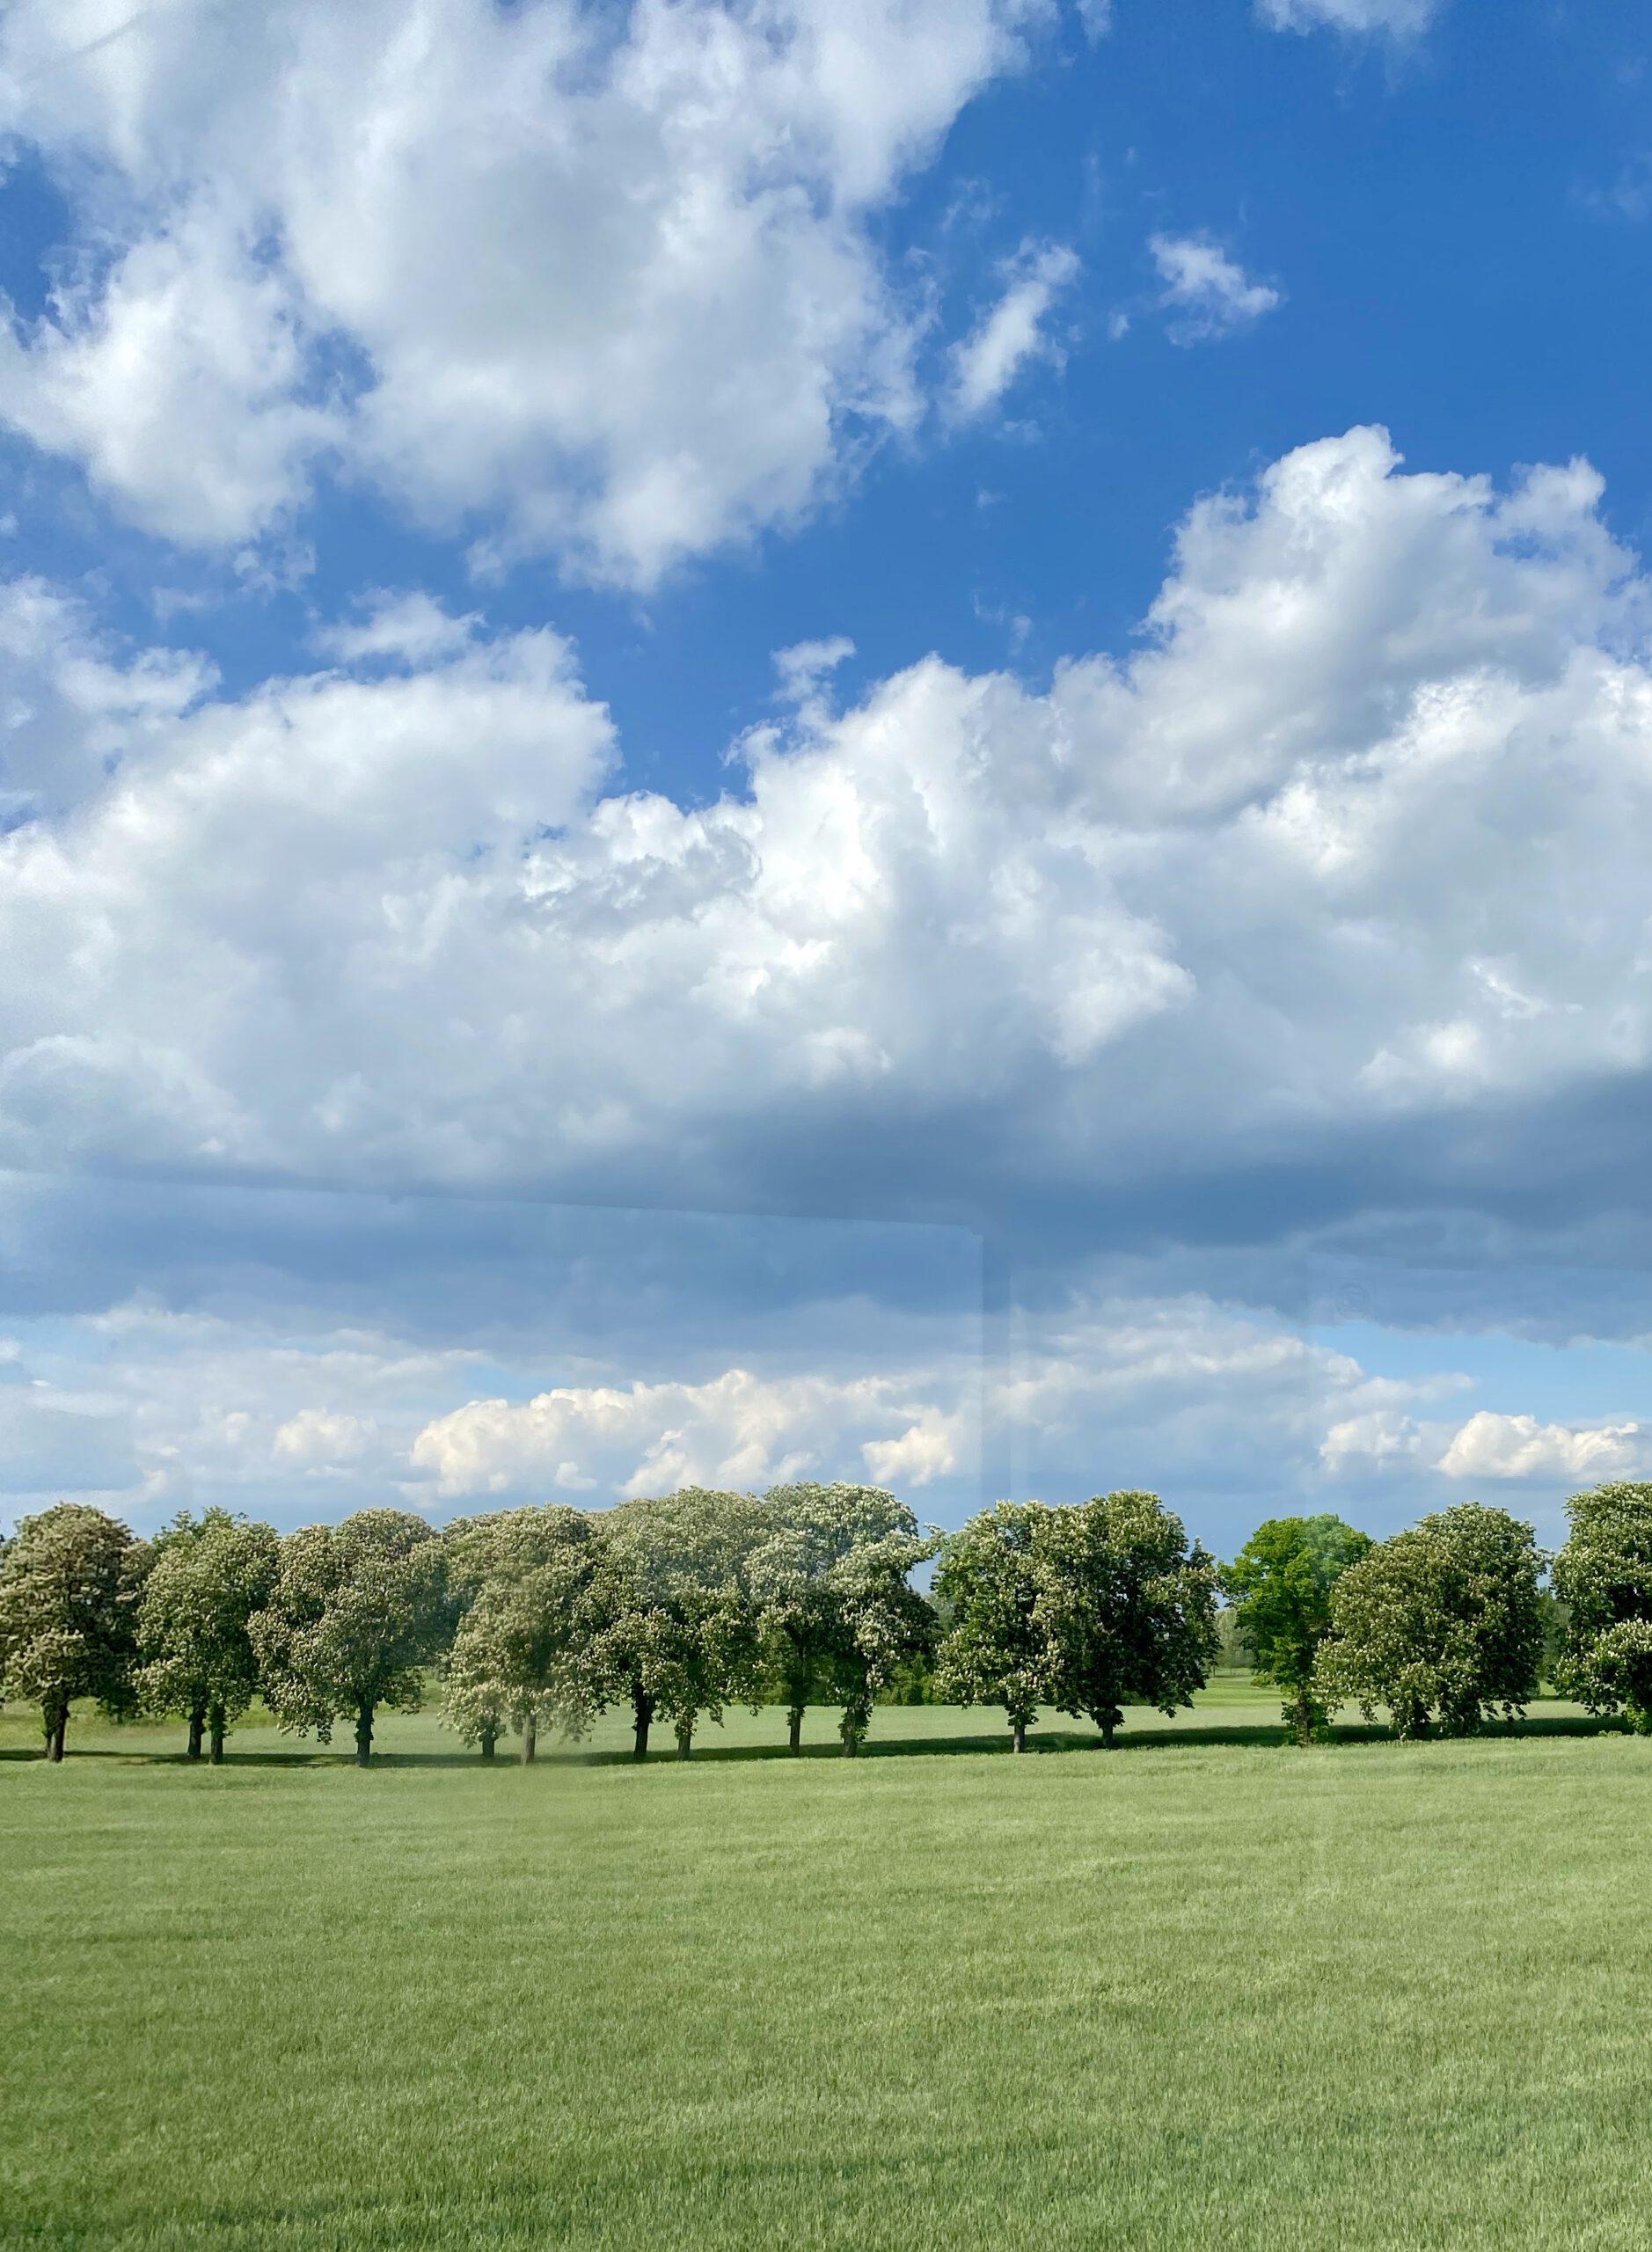 Glücksmomente der Woche vom 28. Mai bis 3. Juni 2020: Juni-Landschaft in Vorpommern mit Allee und blauem Himmel